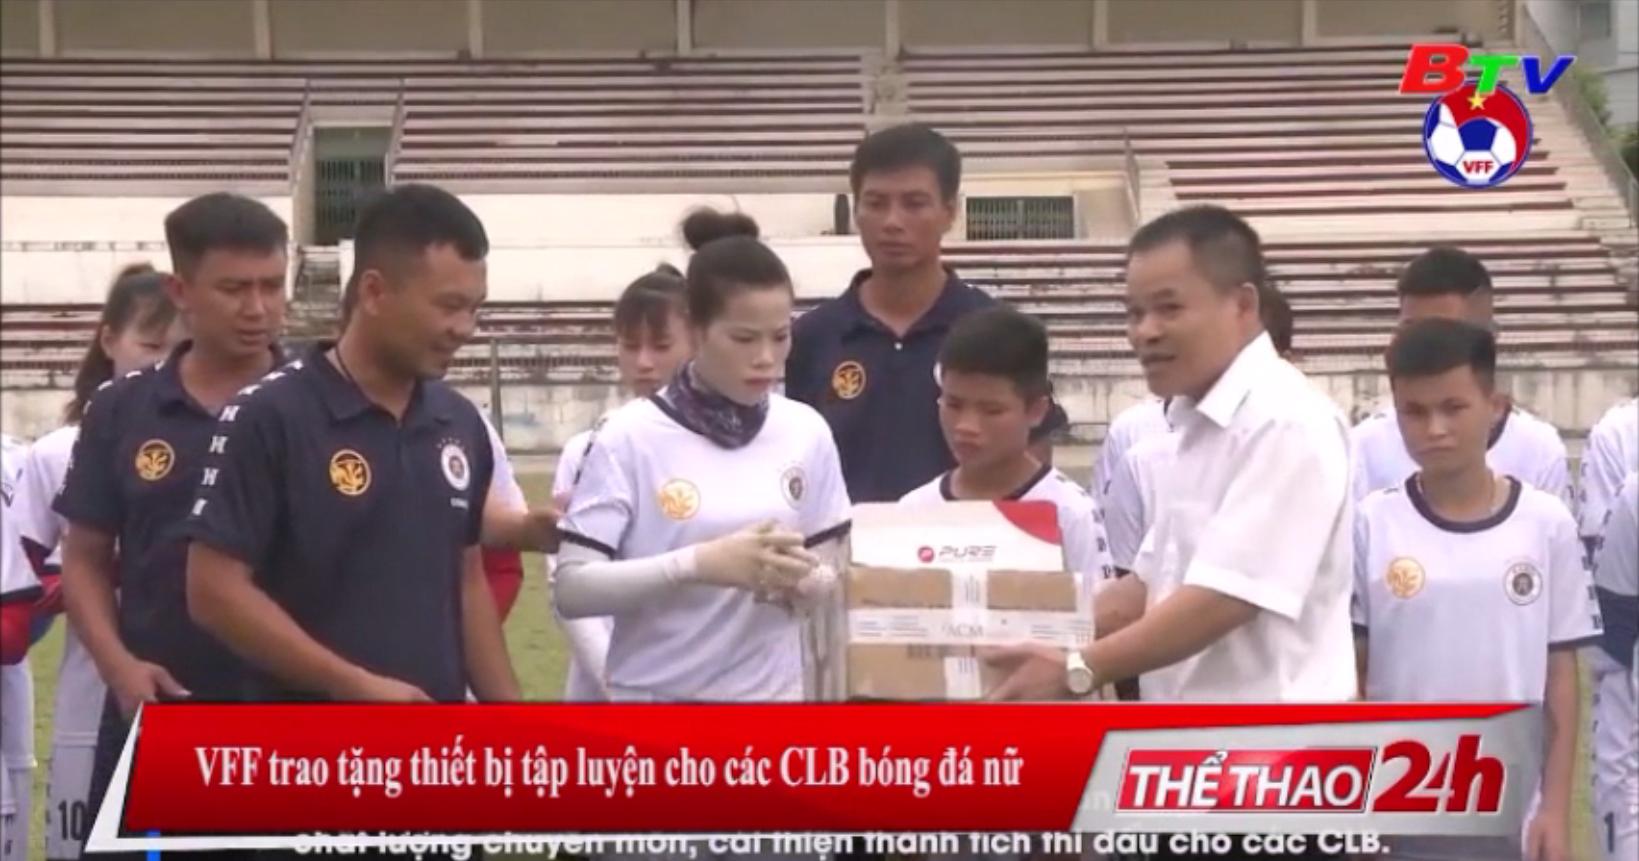 VFF trao tặng thiết bị tập luyện cho các CLB bóng đá nữ